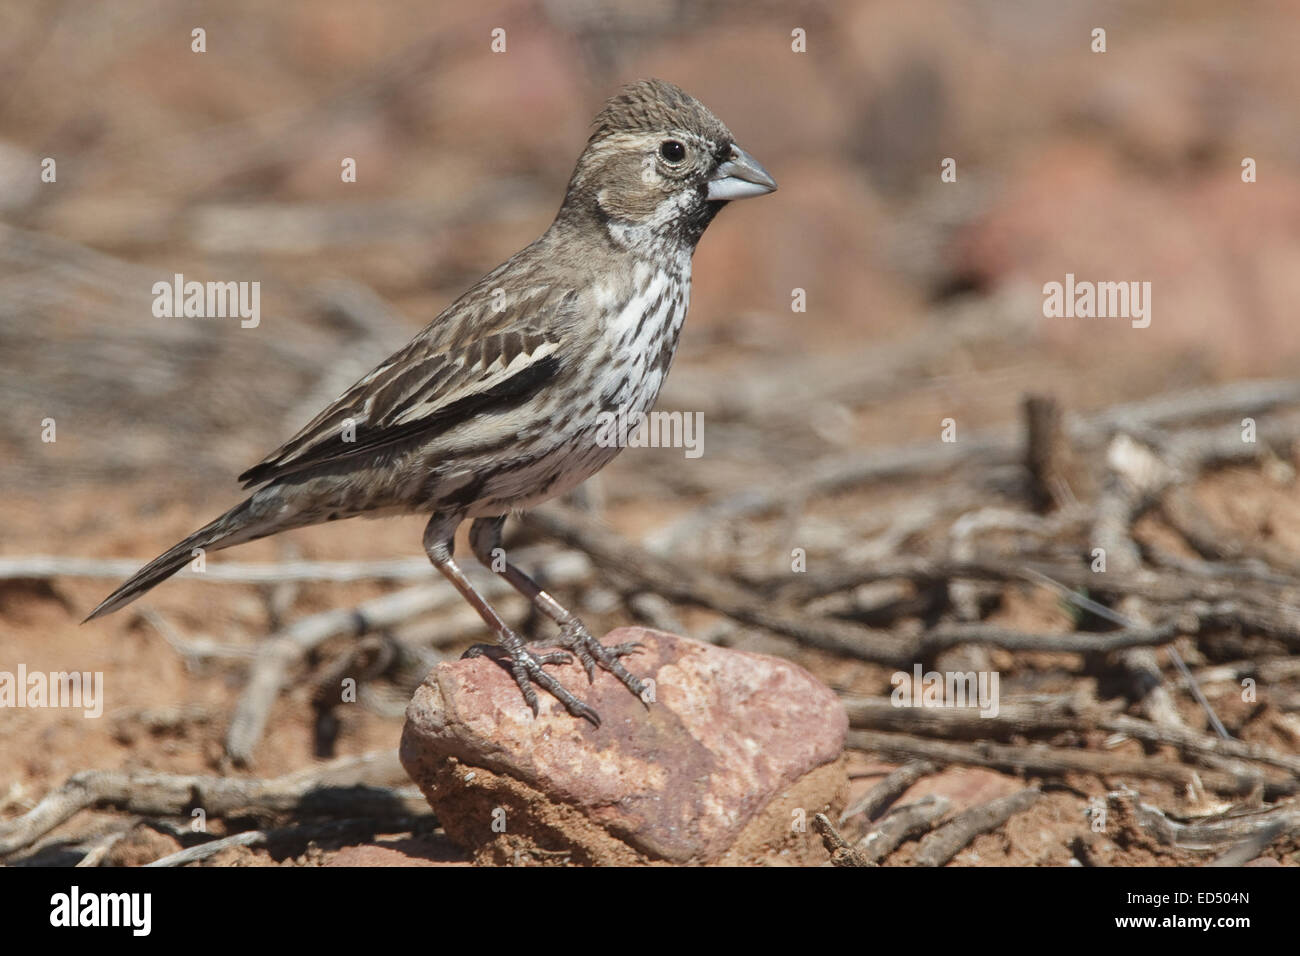 Lark Bunting - Calamospiza melanocorys - non-breeding male - Stock Image